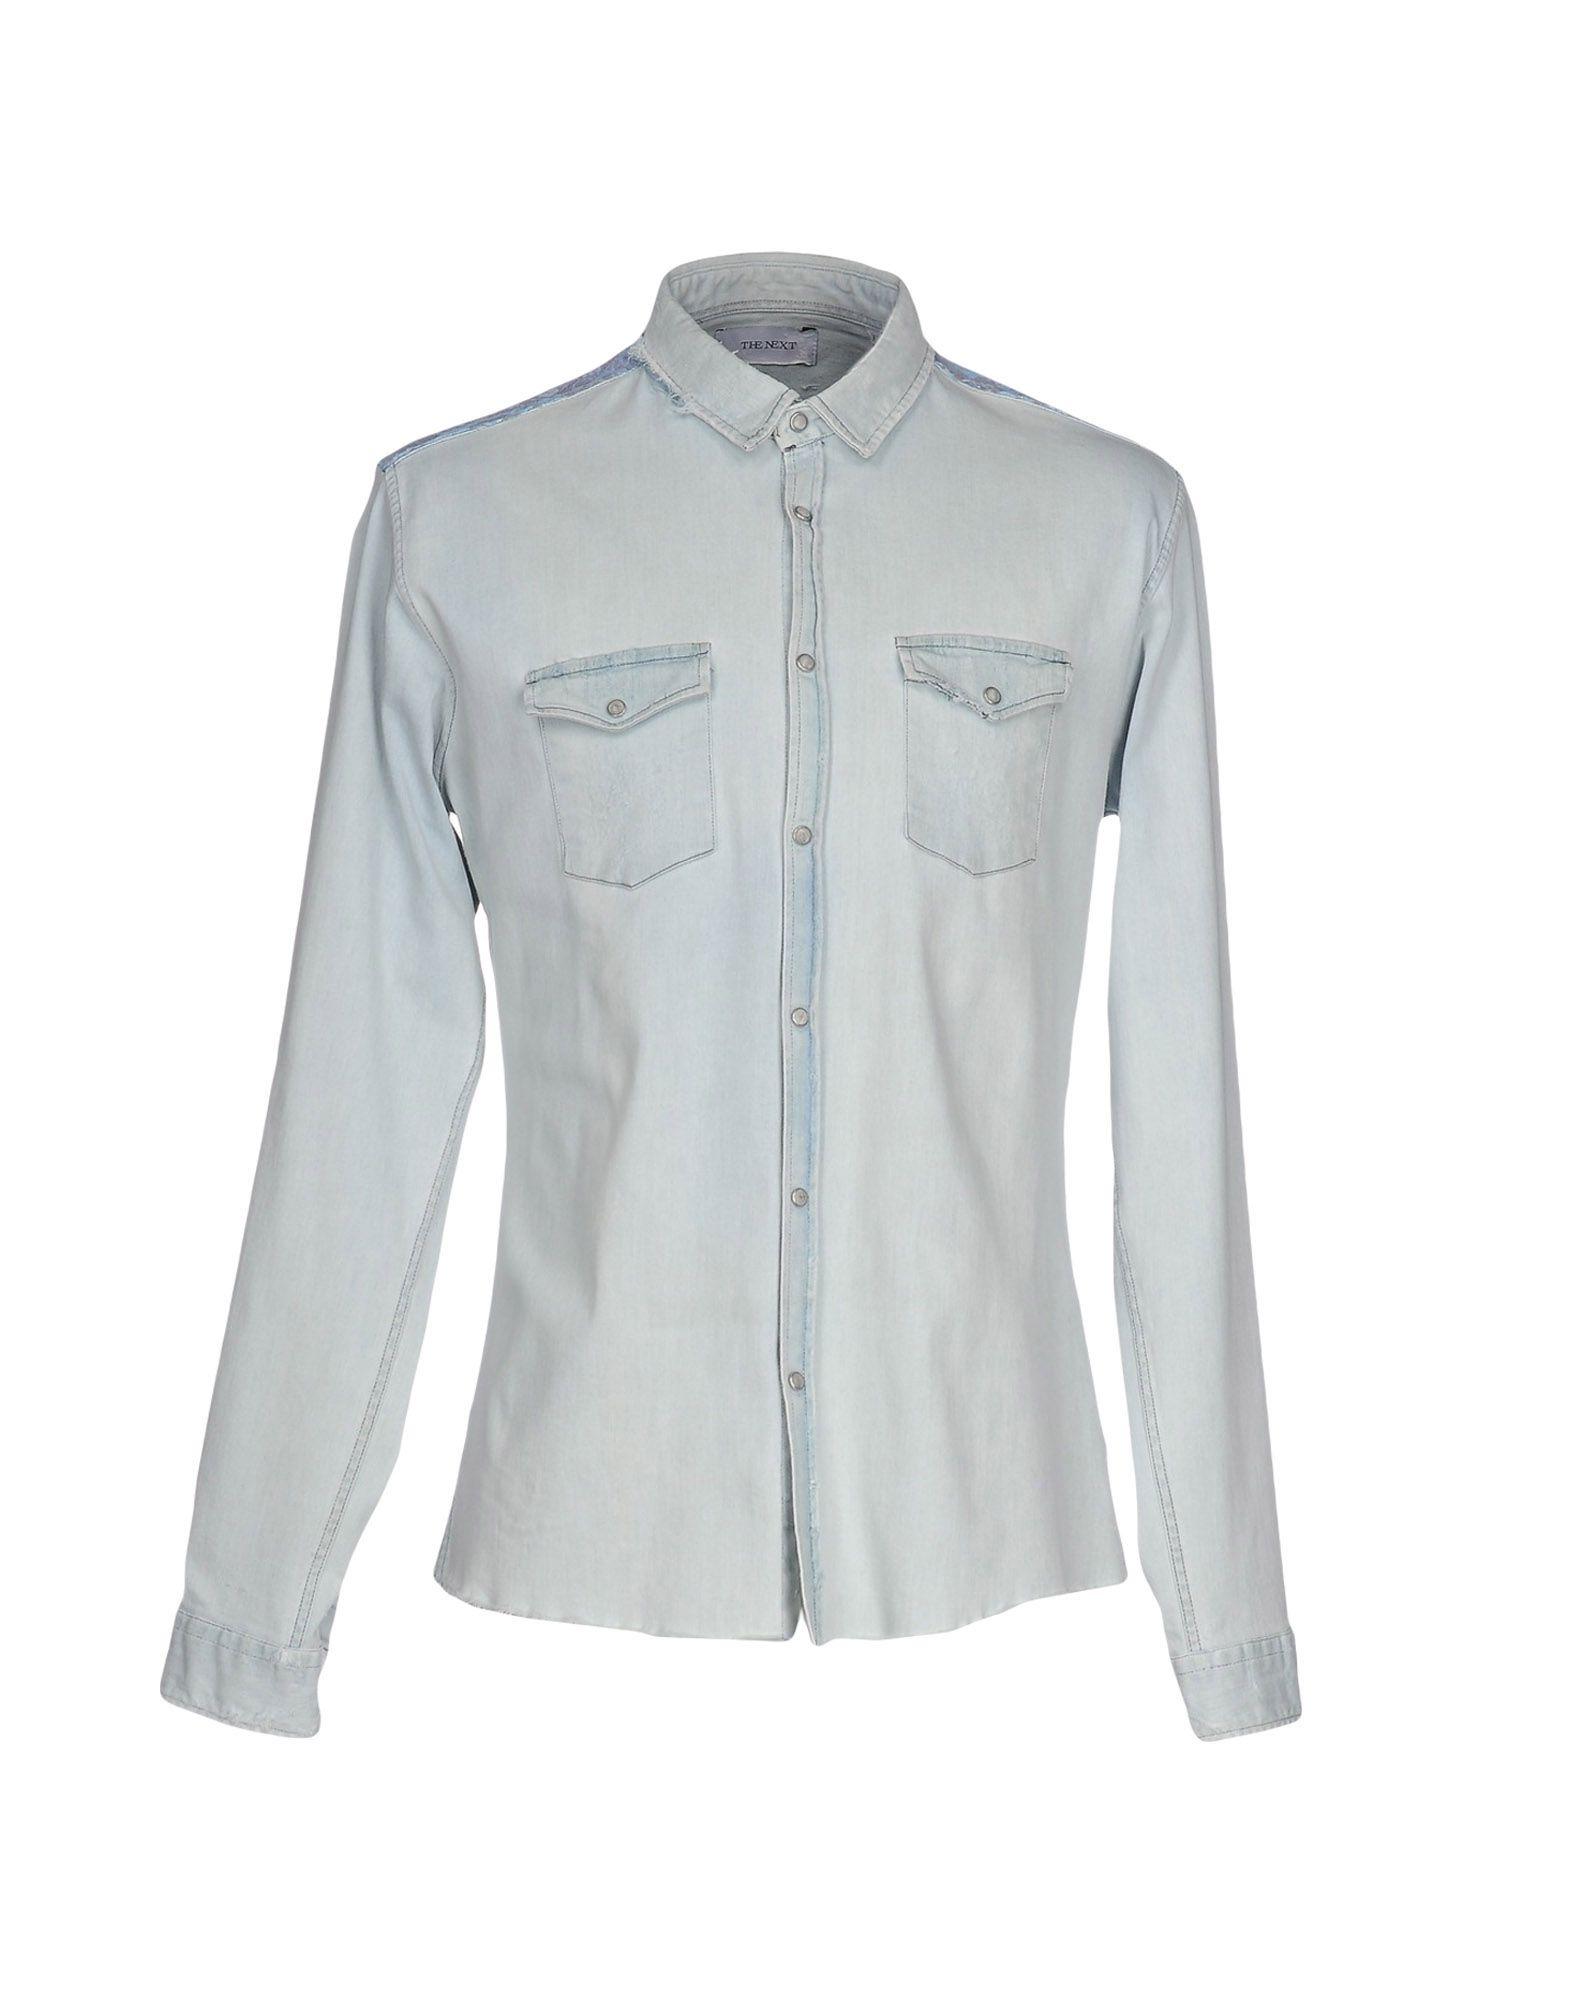 все цены на THE NEXT Джинсовая рубашка онлайн